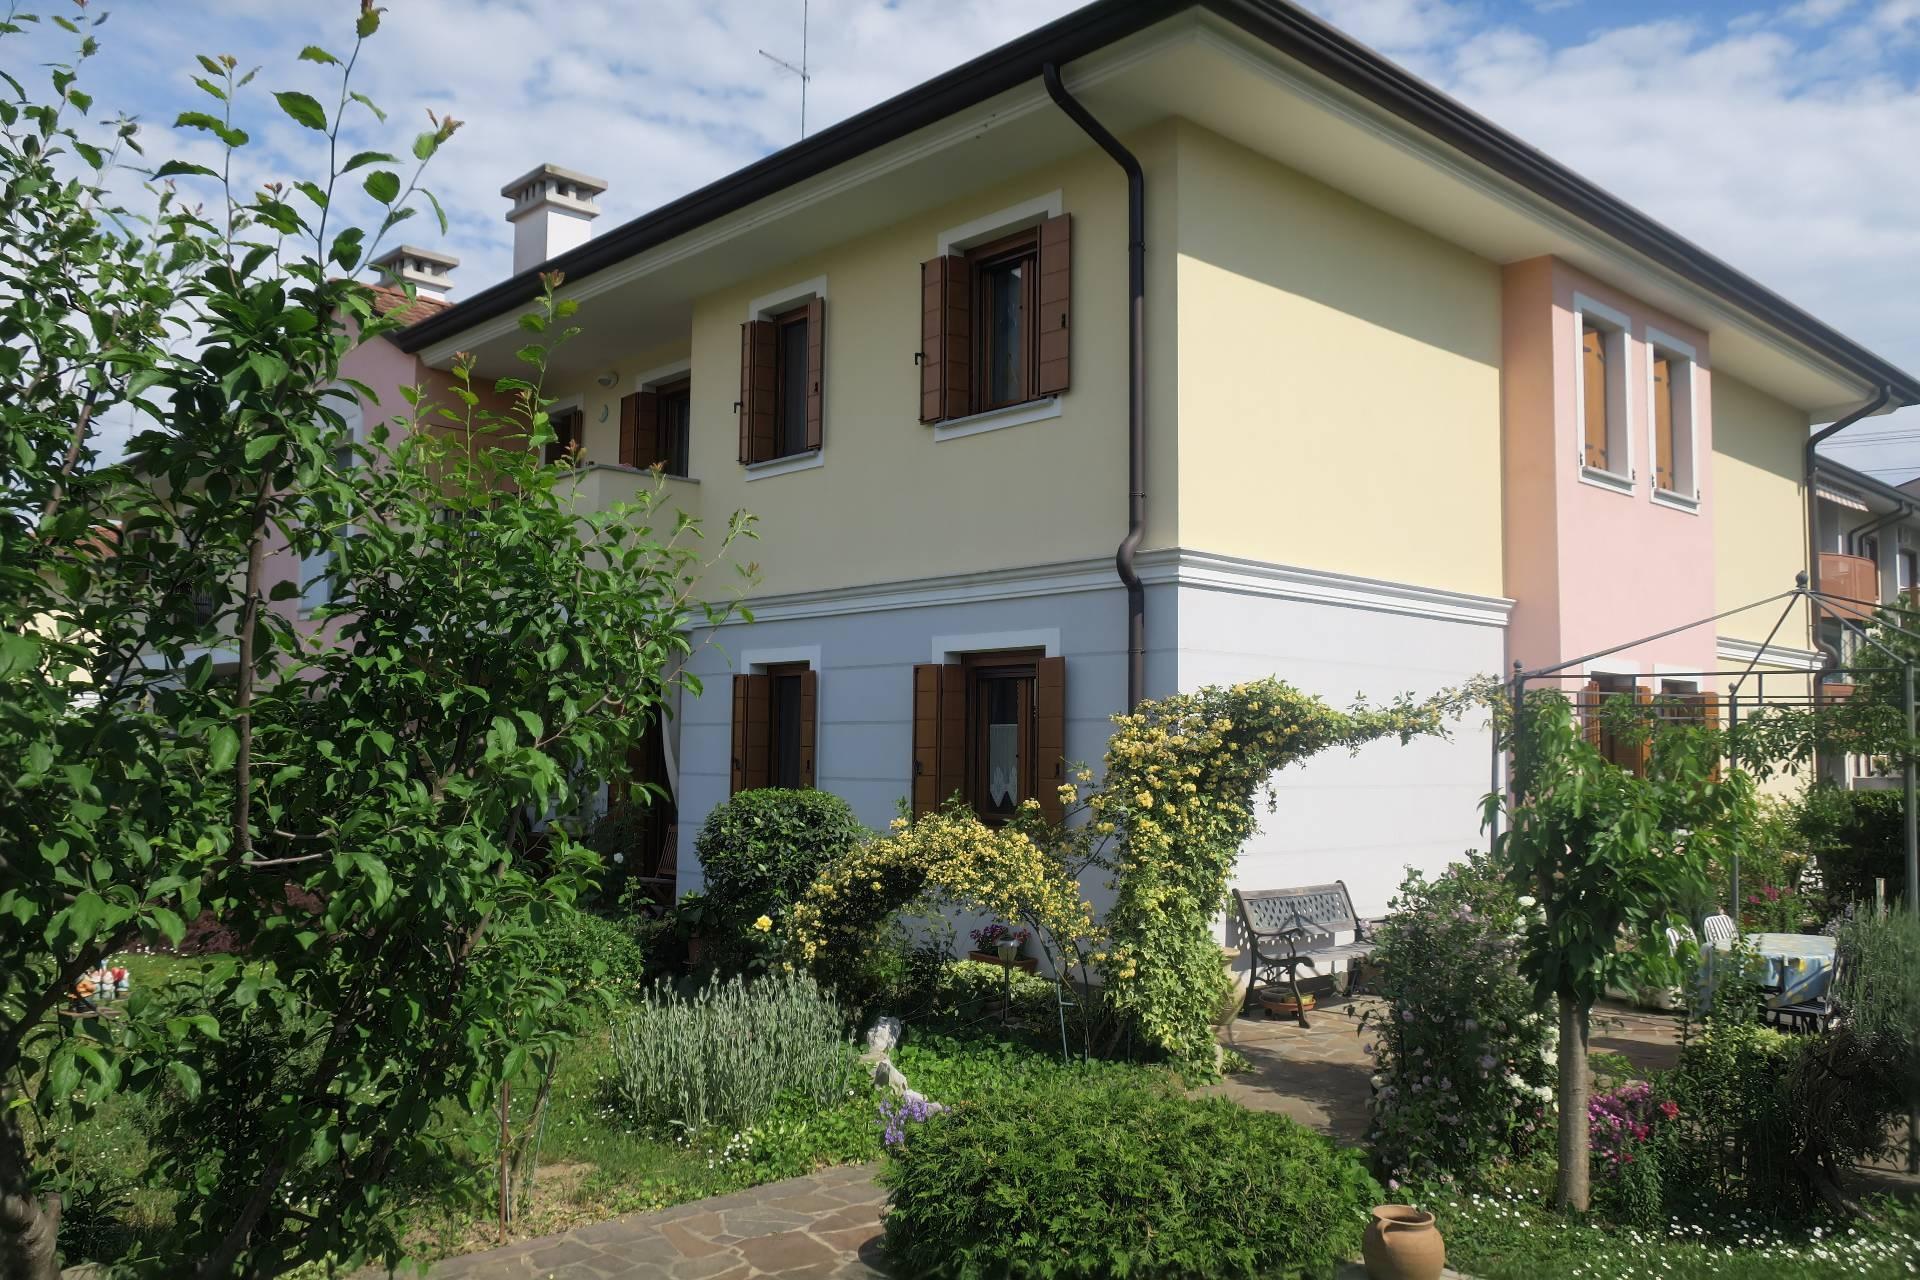 vendita appartamento fogliano redipuglia   133000 euro  4 locali  65 mq